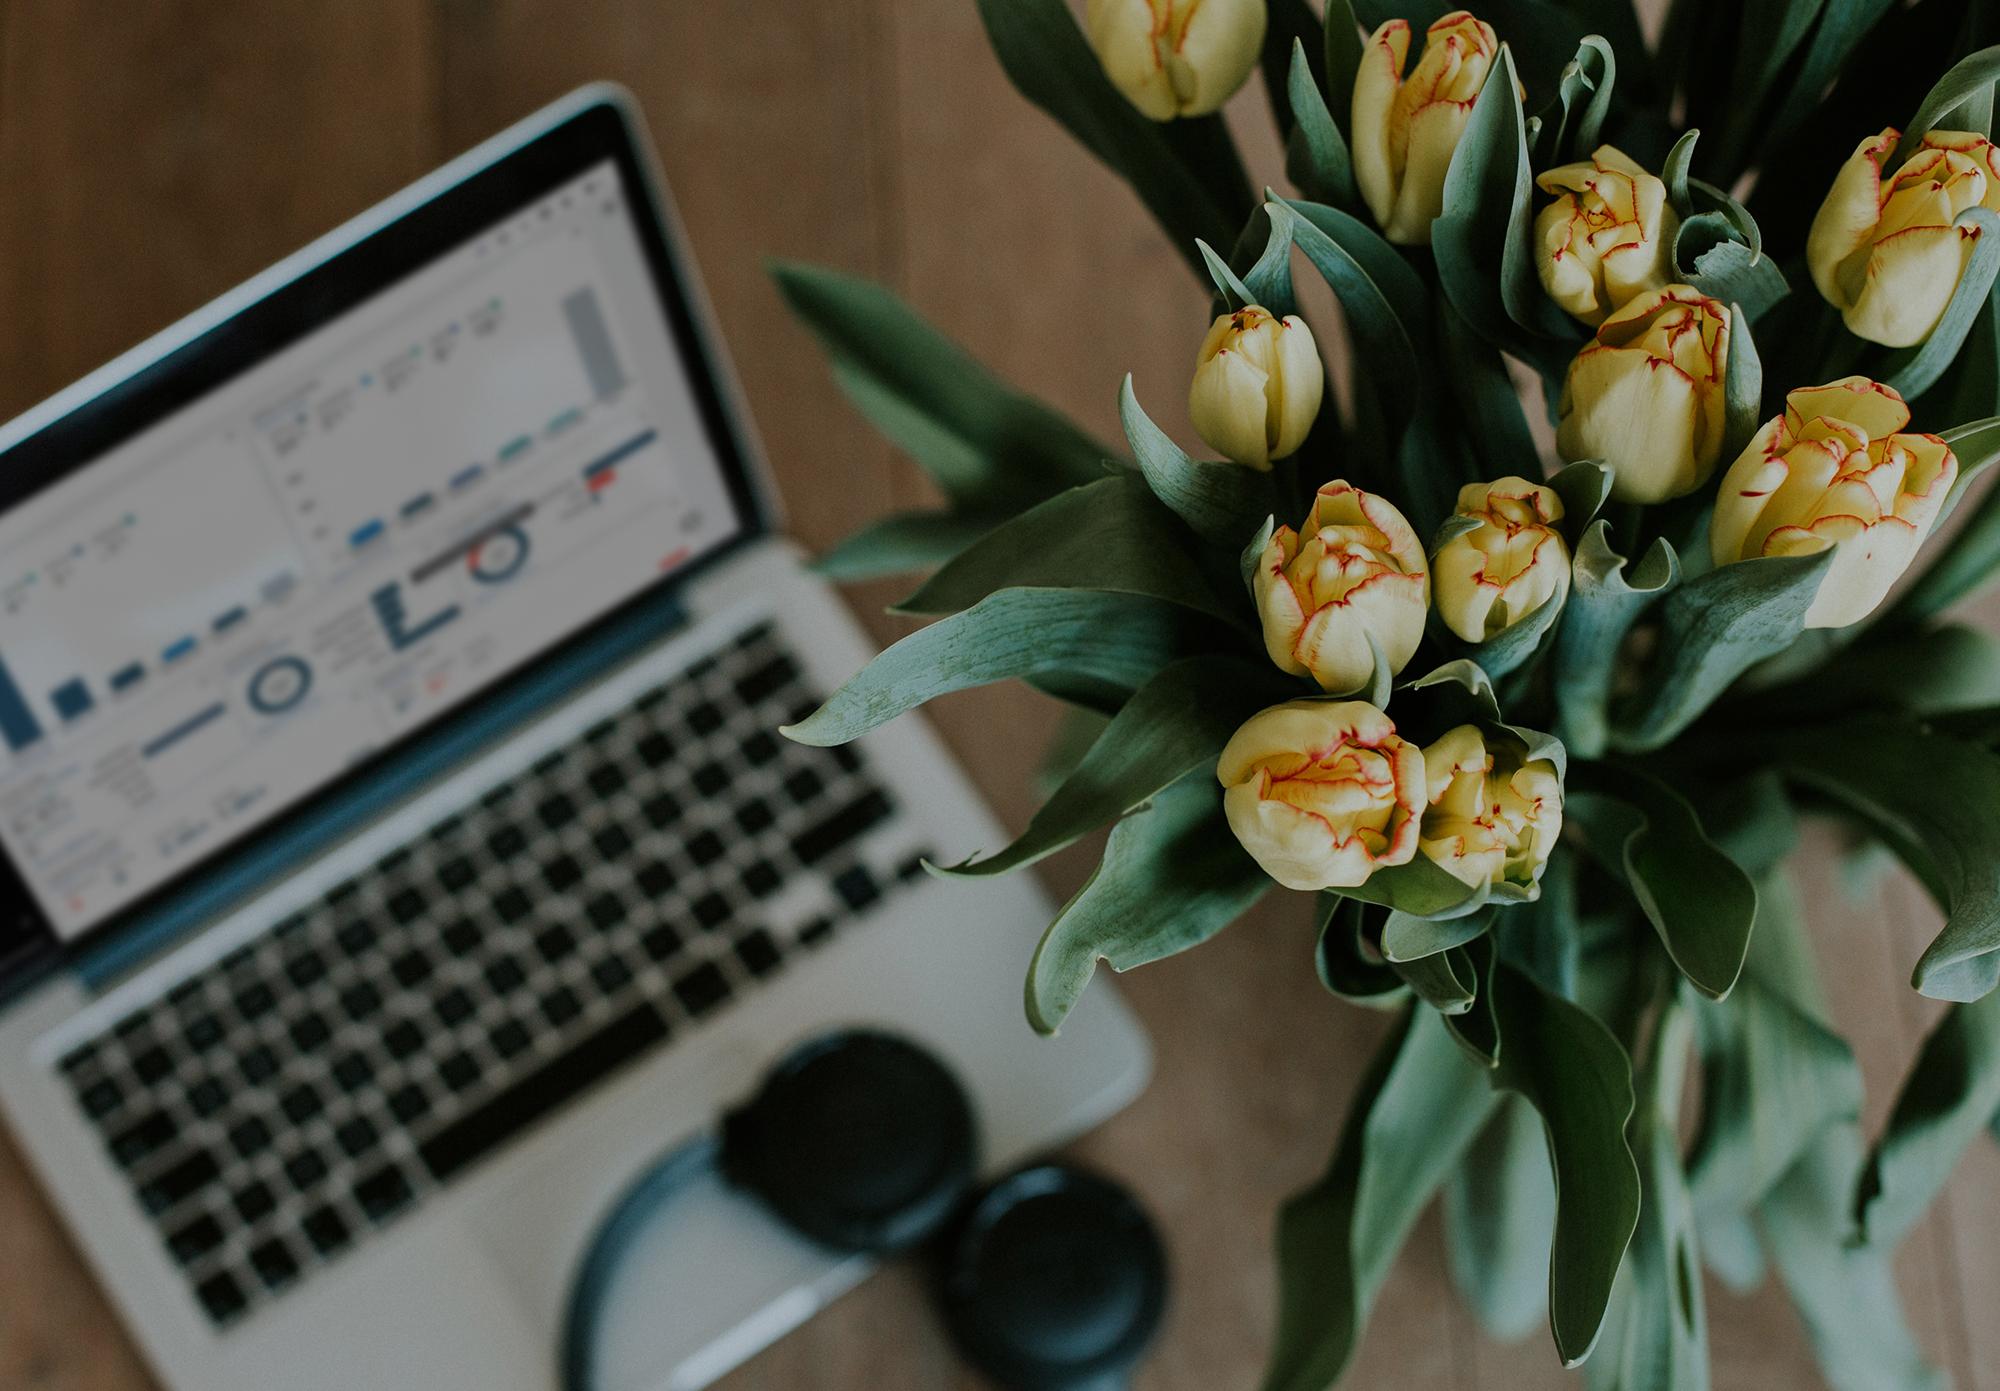 Flores el capiro y laptop